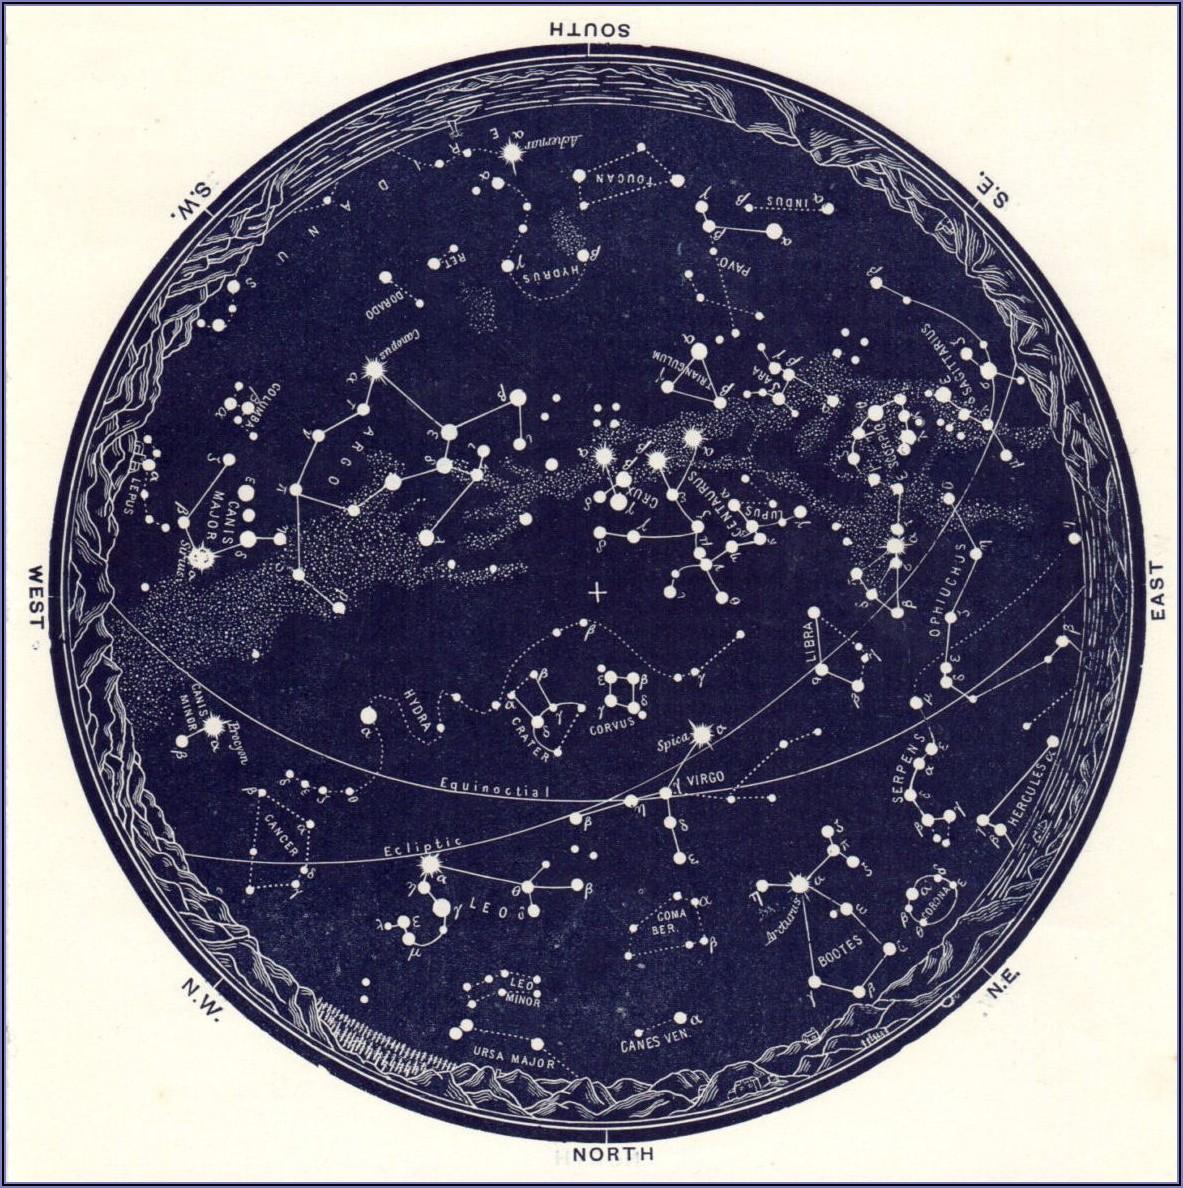 Vintage Star Map Poster